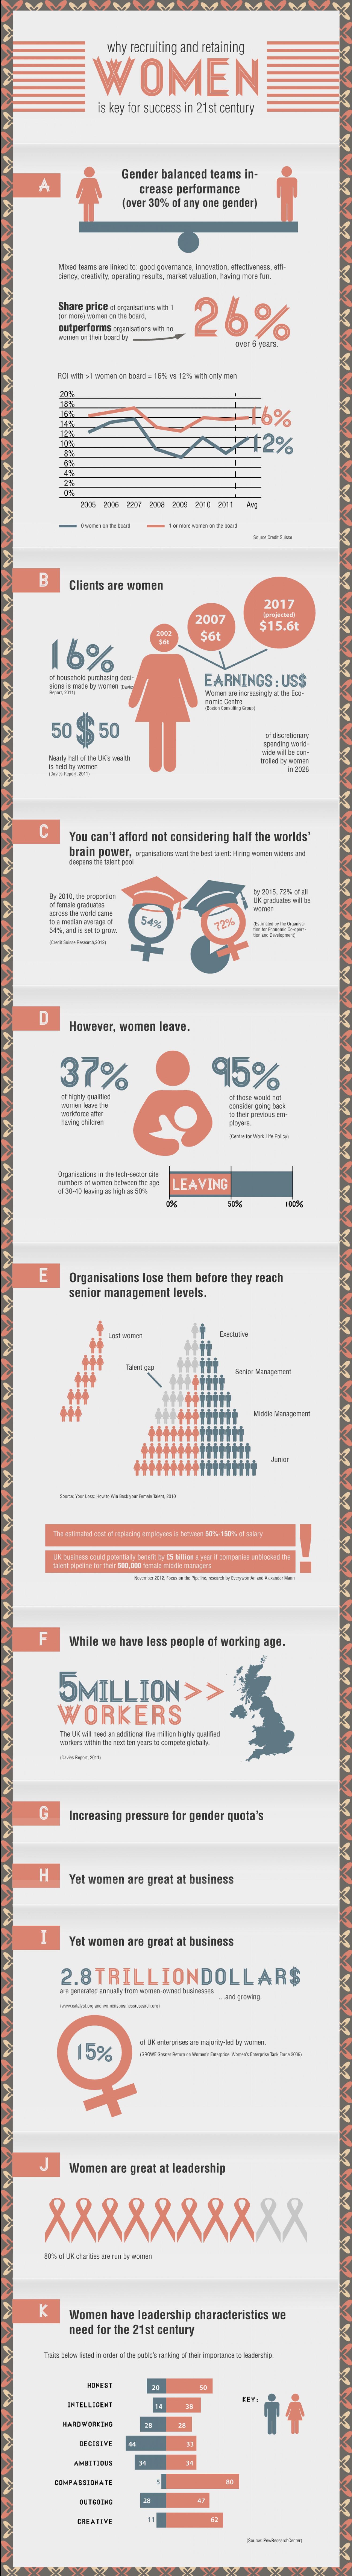 10. Women in organizations